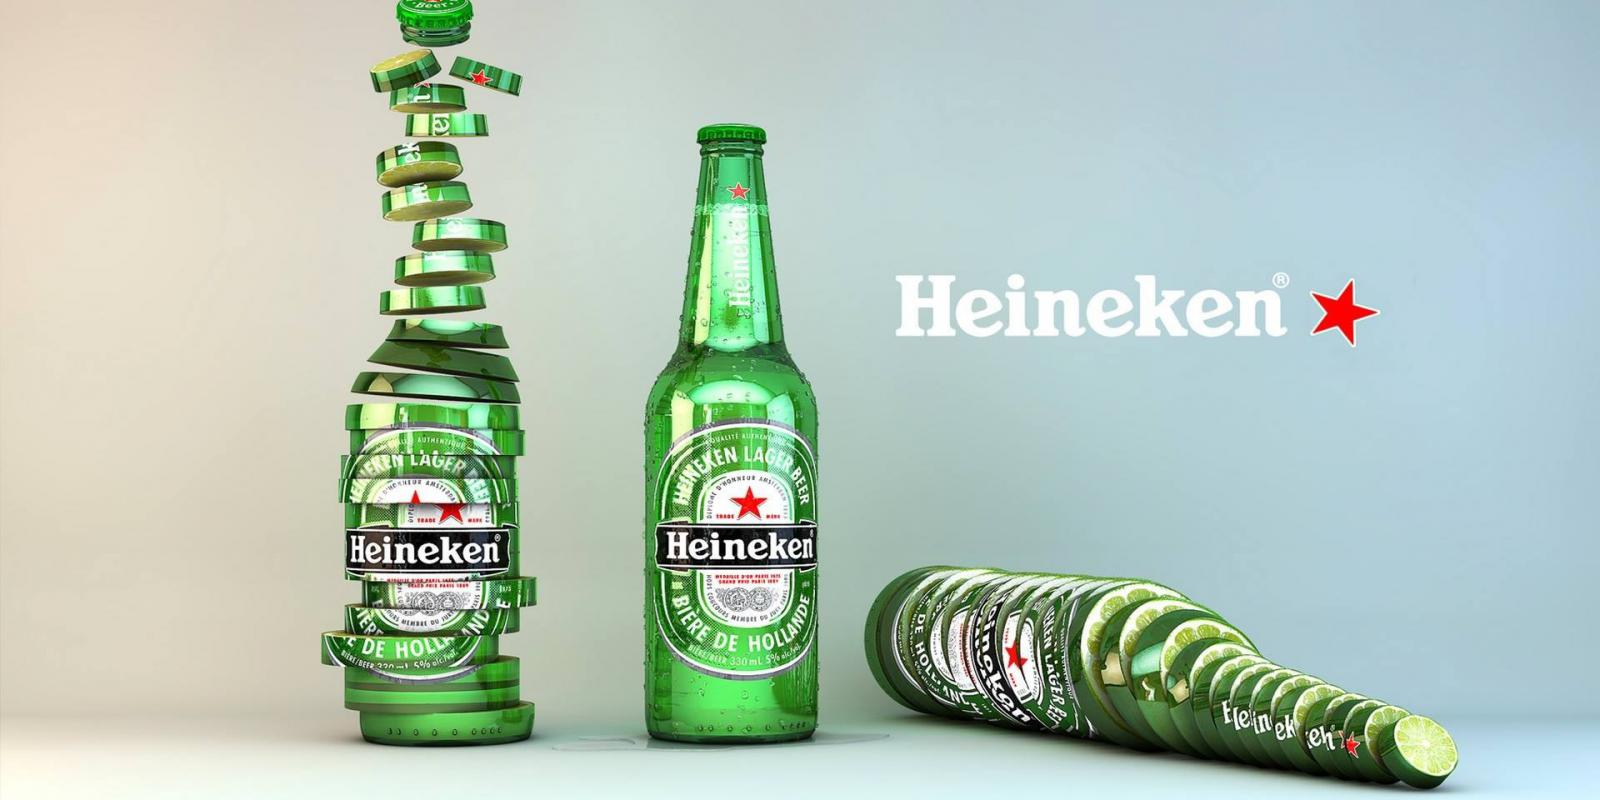 Miniature représentant le produit Heineken 0° en petit format, autre image qui au click devient l'image la plus grande.